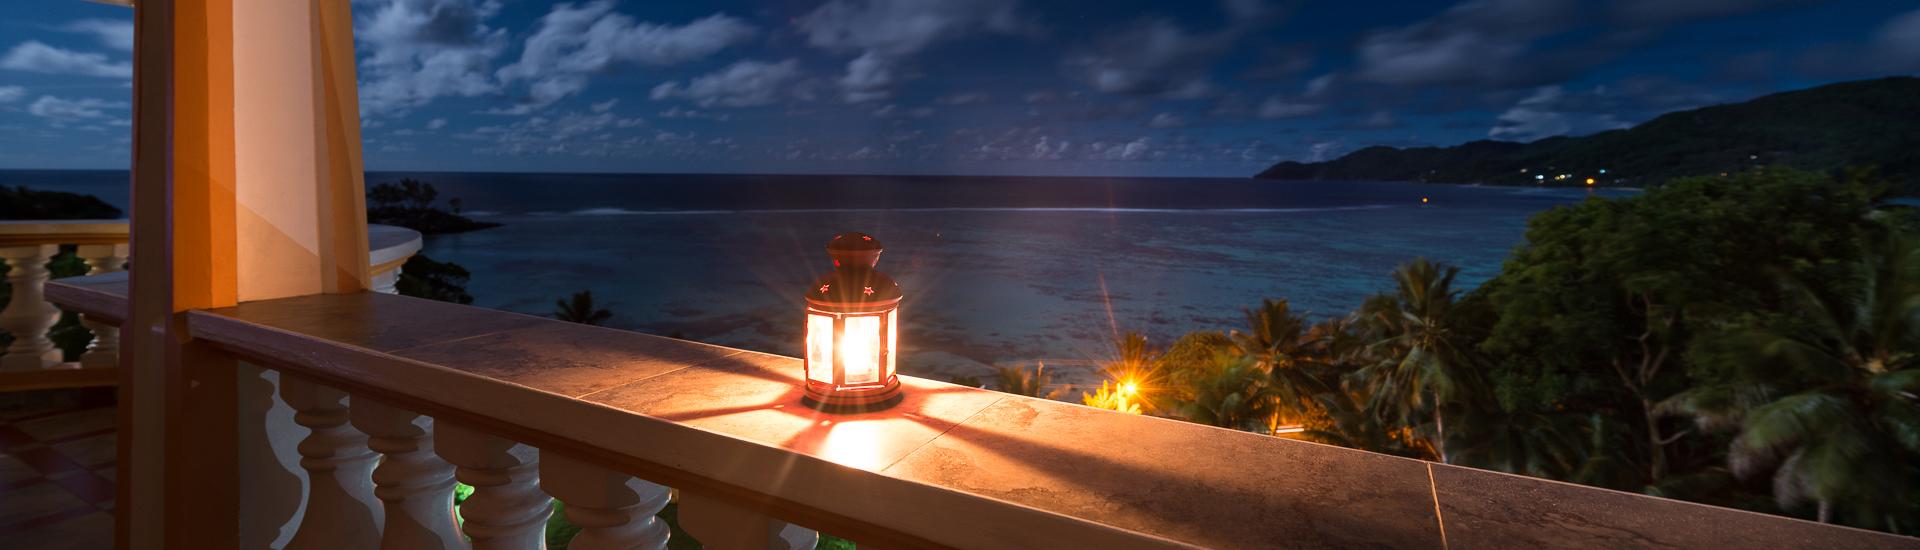 Unterkünfte Seychellen - unsere Empfehlungen